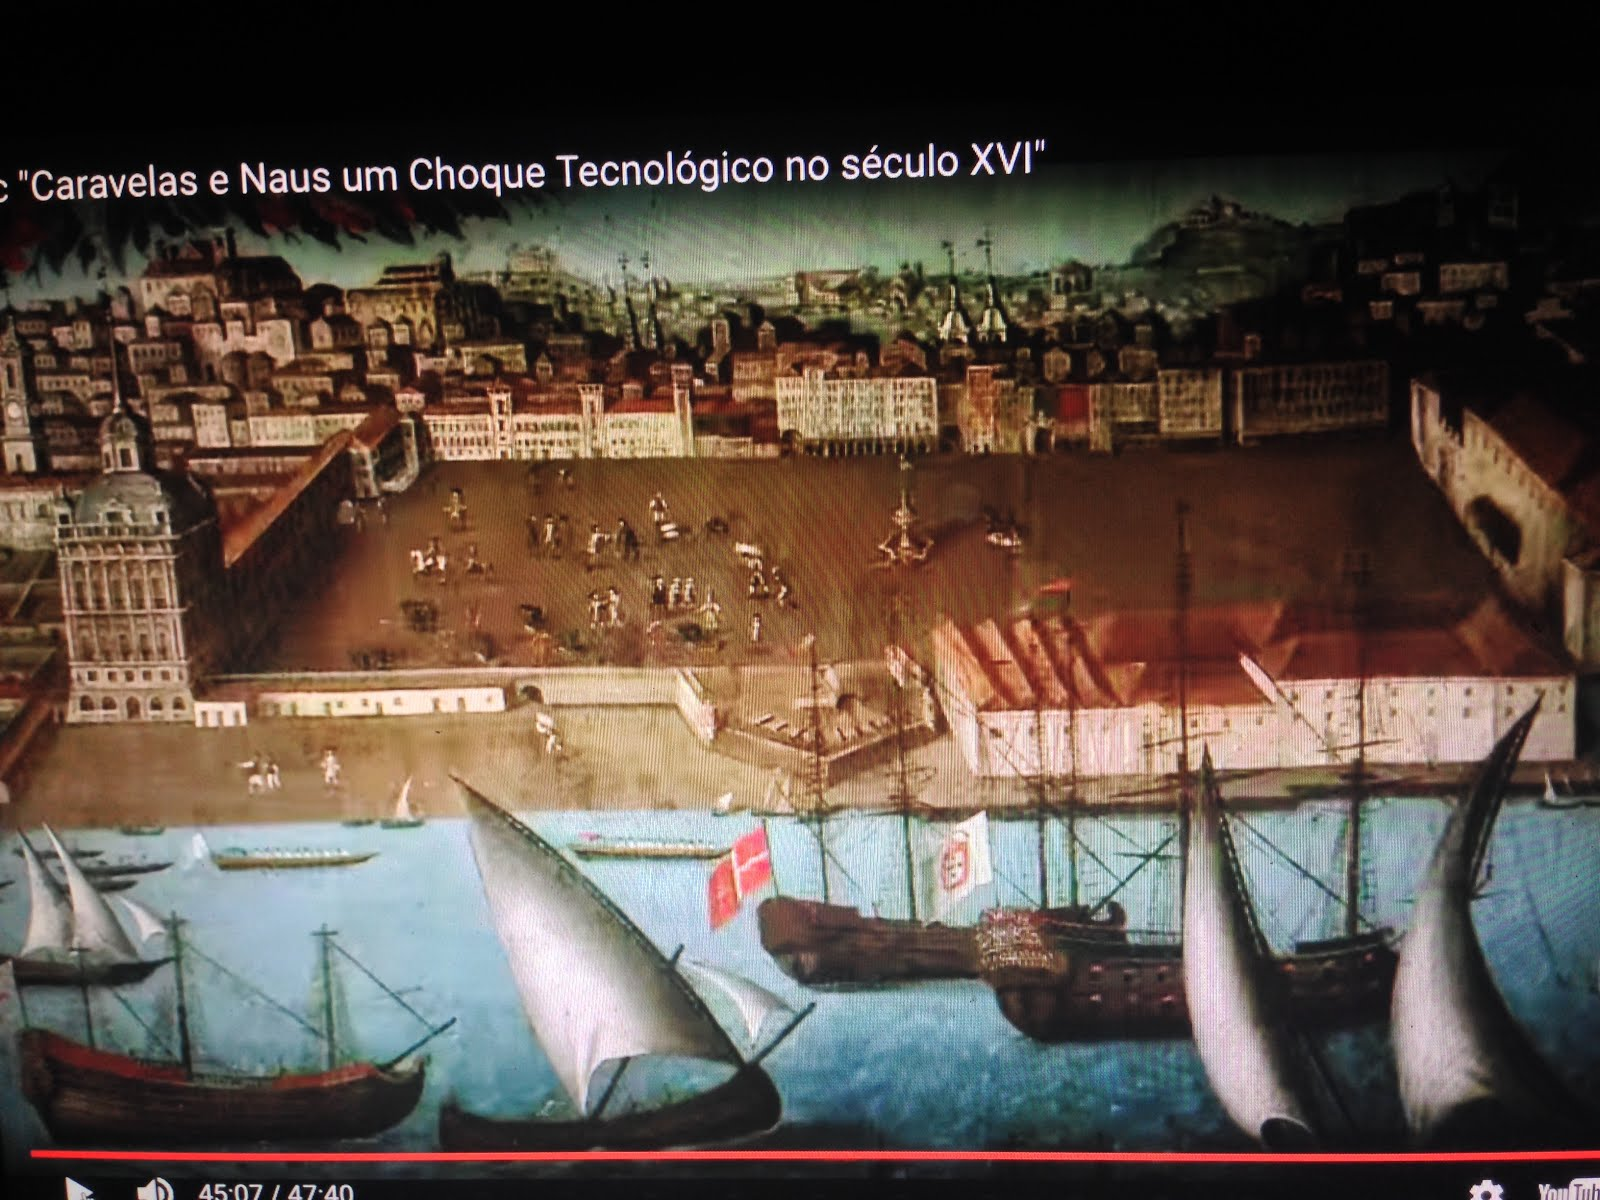 século XV e XVI